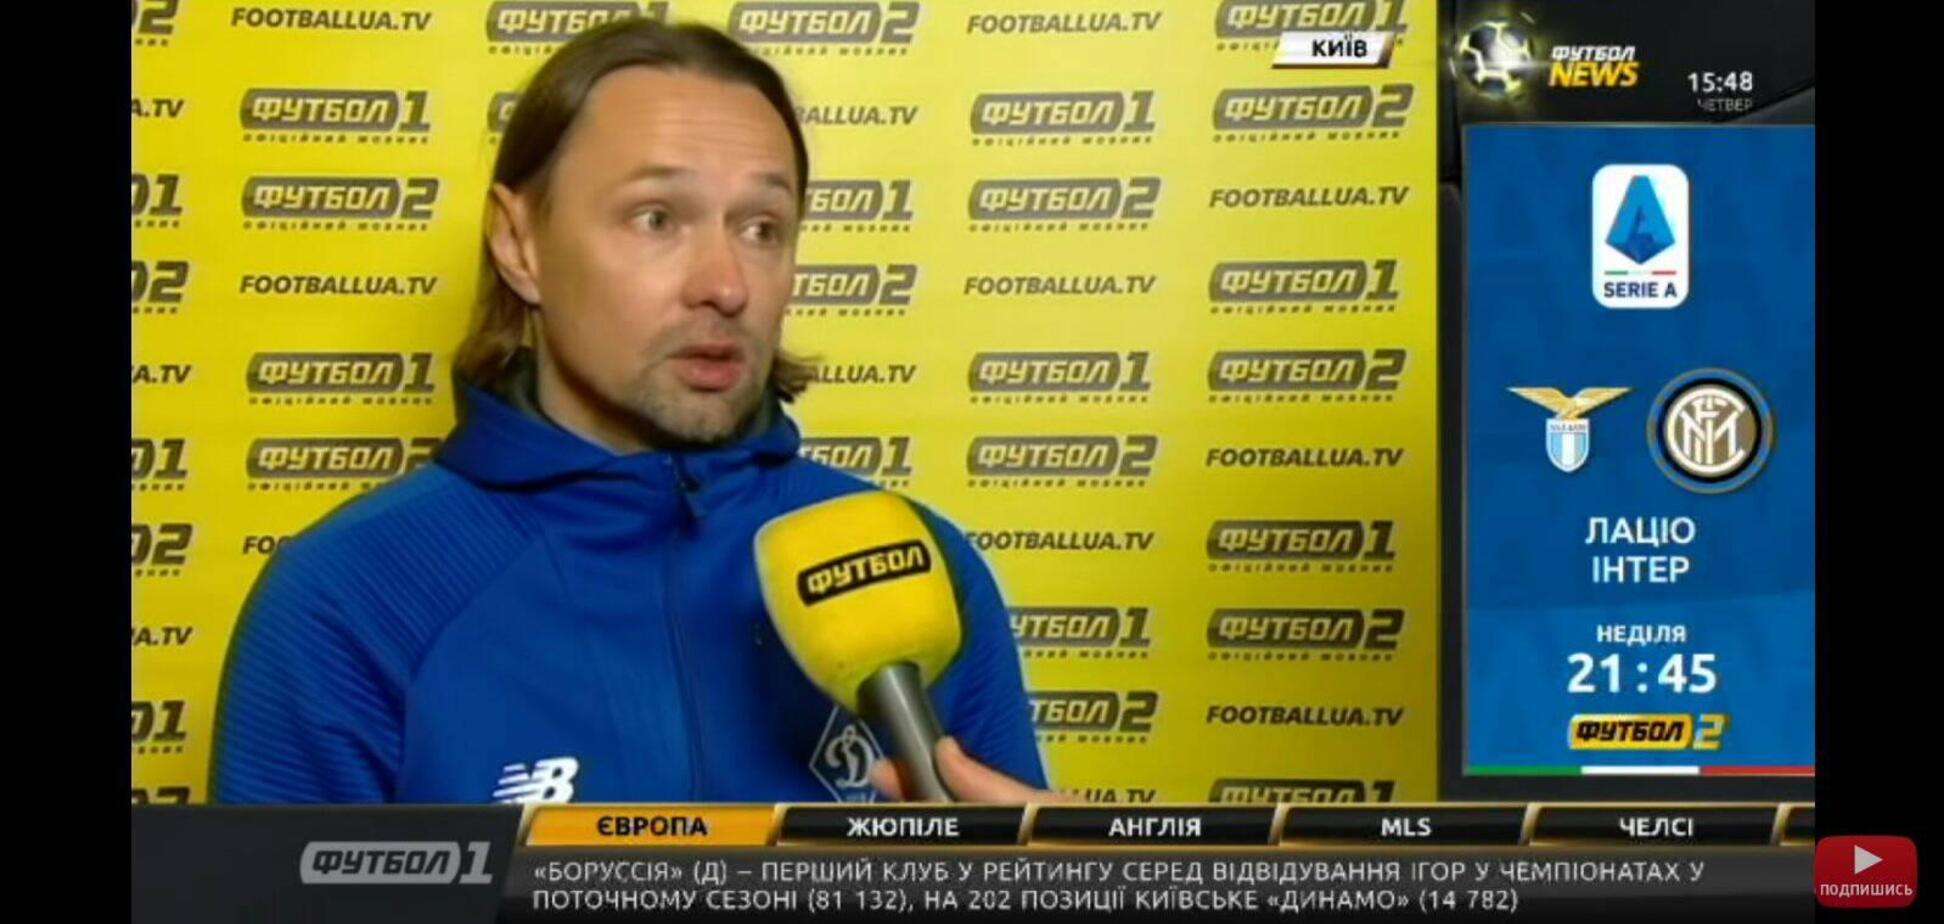 'Это позор!' Украинского тренера загнобили из-за русского языка